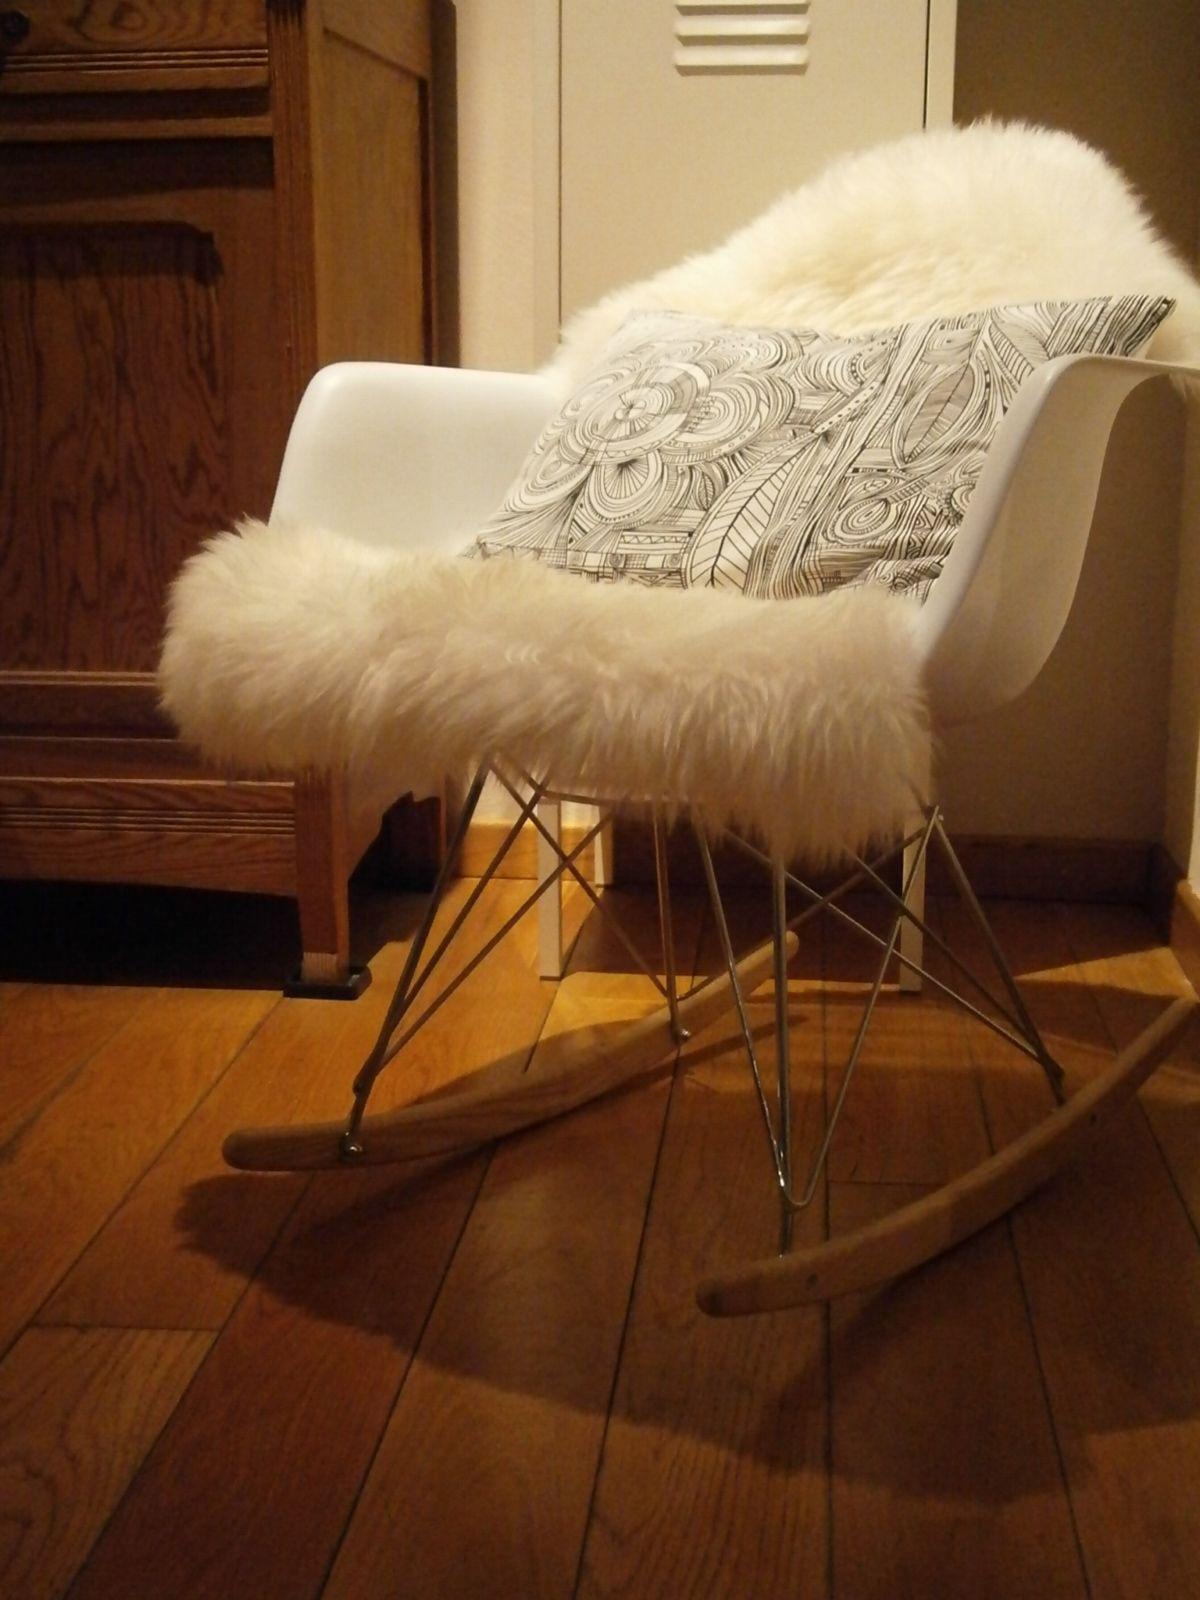 chaise bascule eames peau de mouton ludde ikea. Black Bedroom Furniture Sets. Home Design Ideas